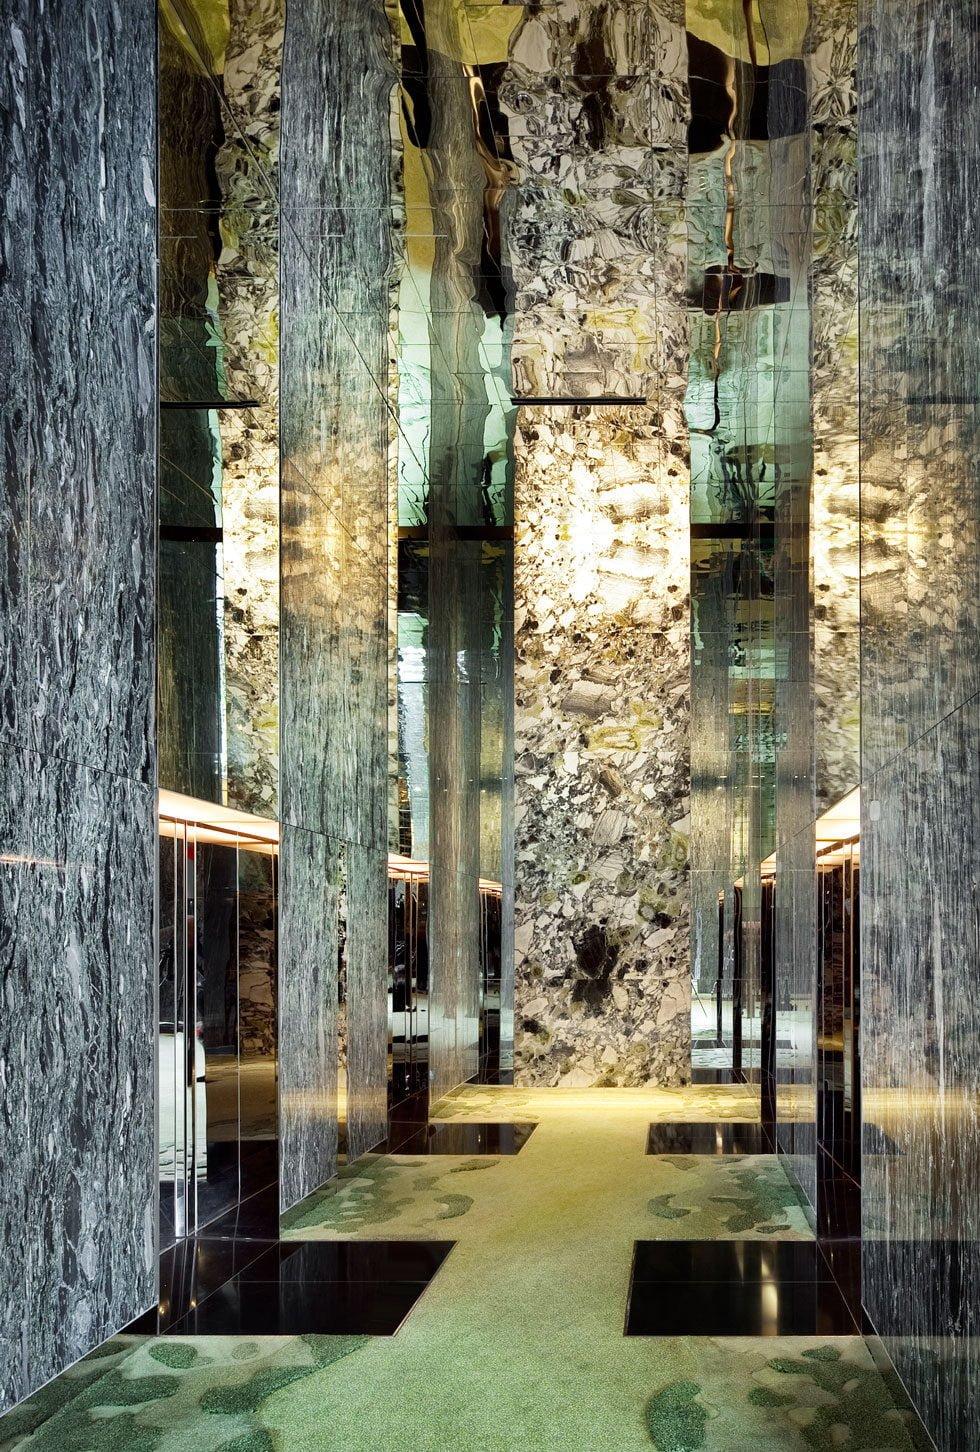 một góc chờ thang máy khách sạn nhiều cây nhất parkroyal